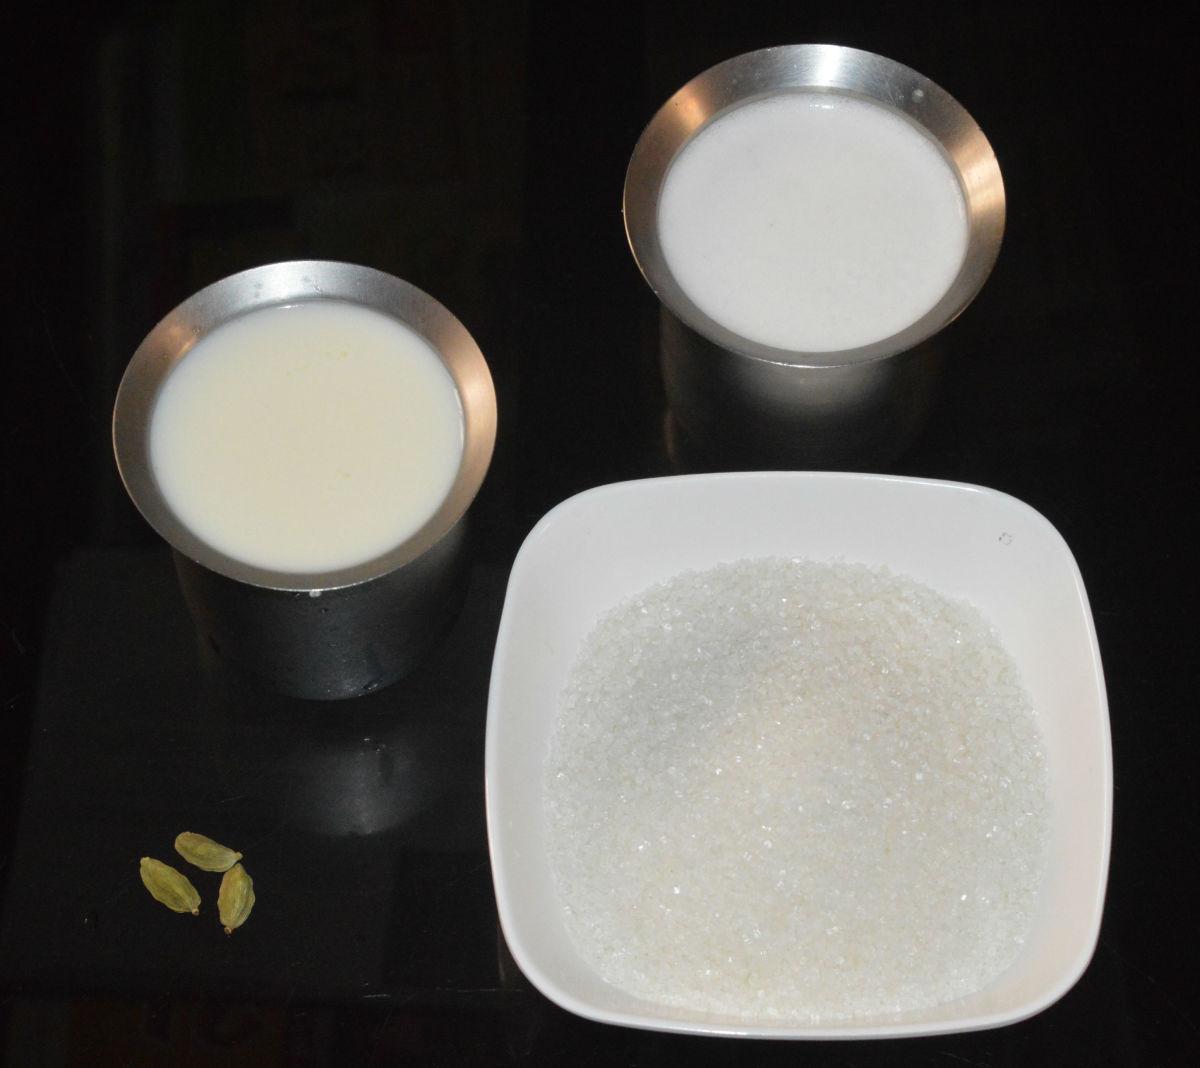 Ingredients for making amrutha phala